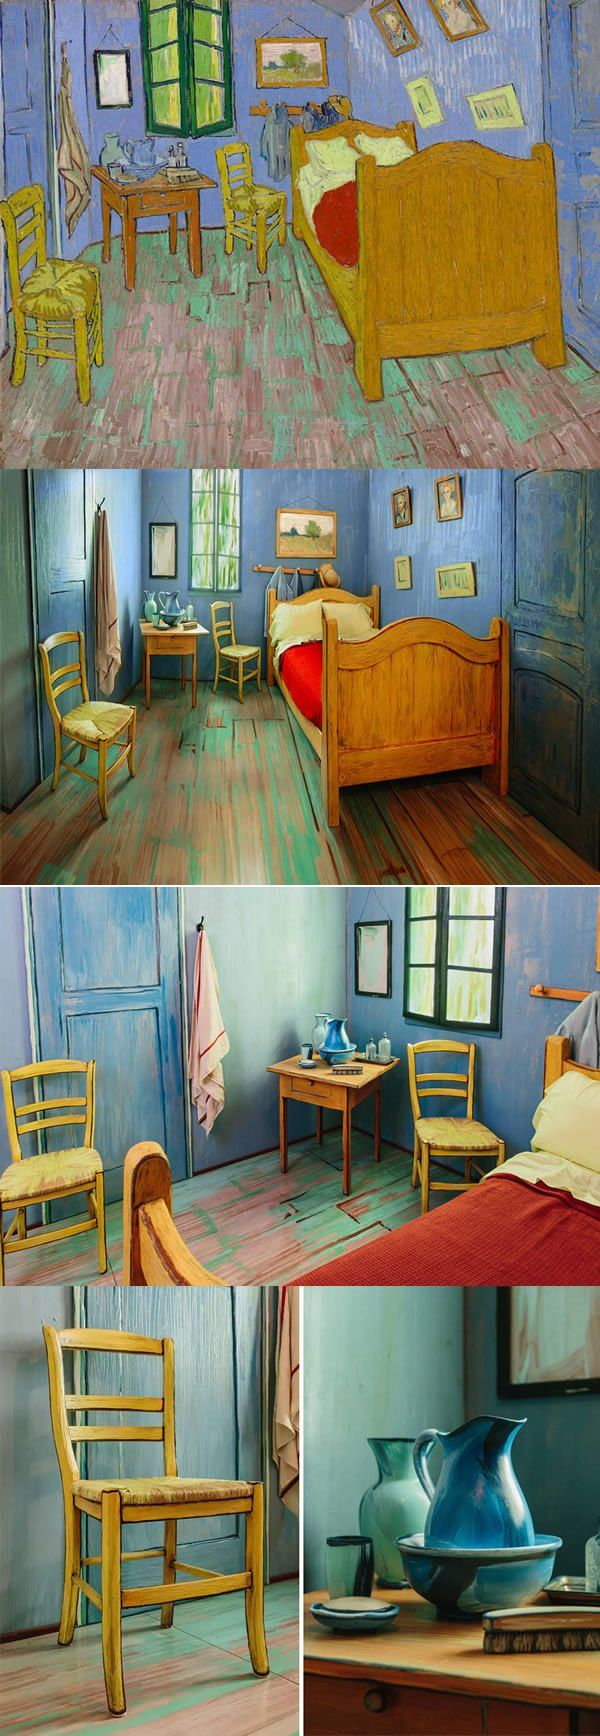 Best 25+ Van gogh bedroom painting ideas on Pinterest   Van gogh ...